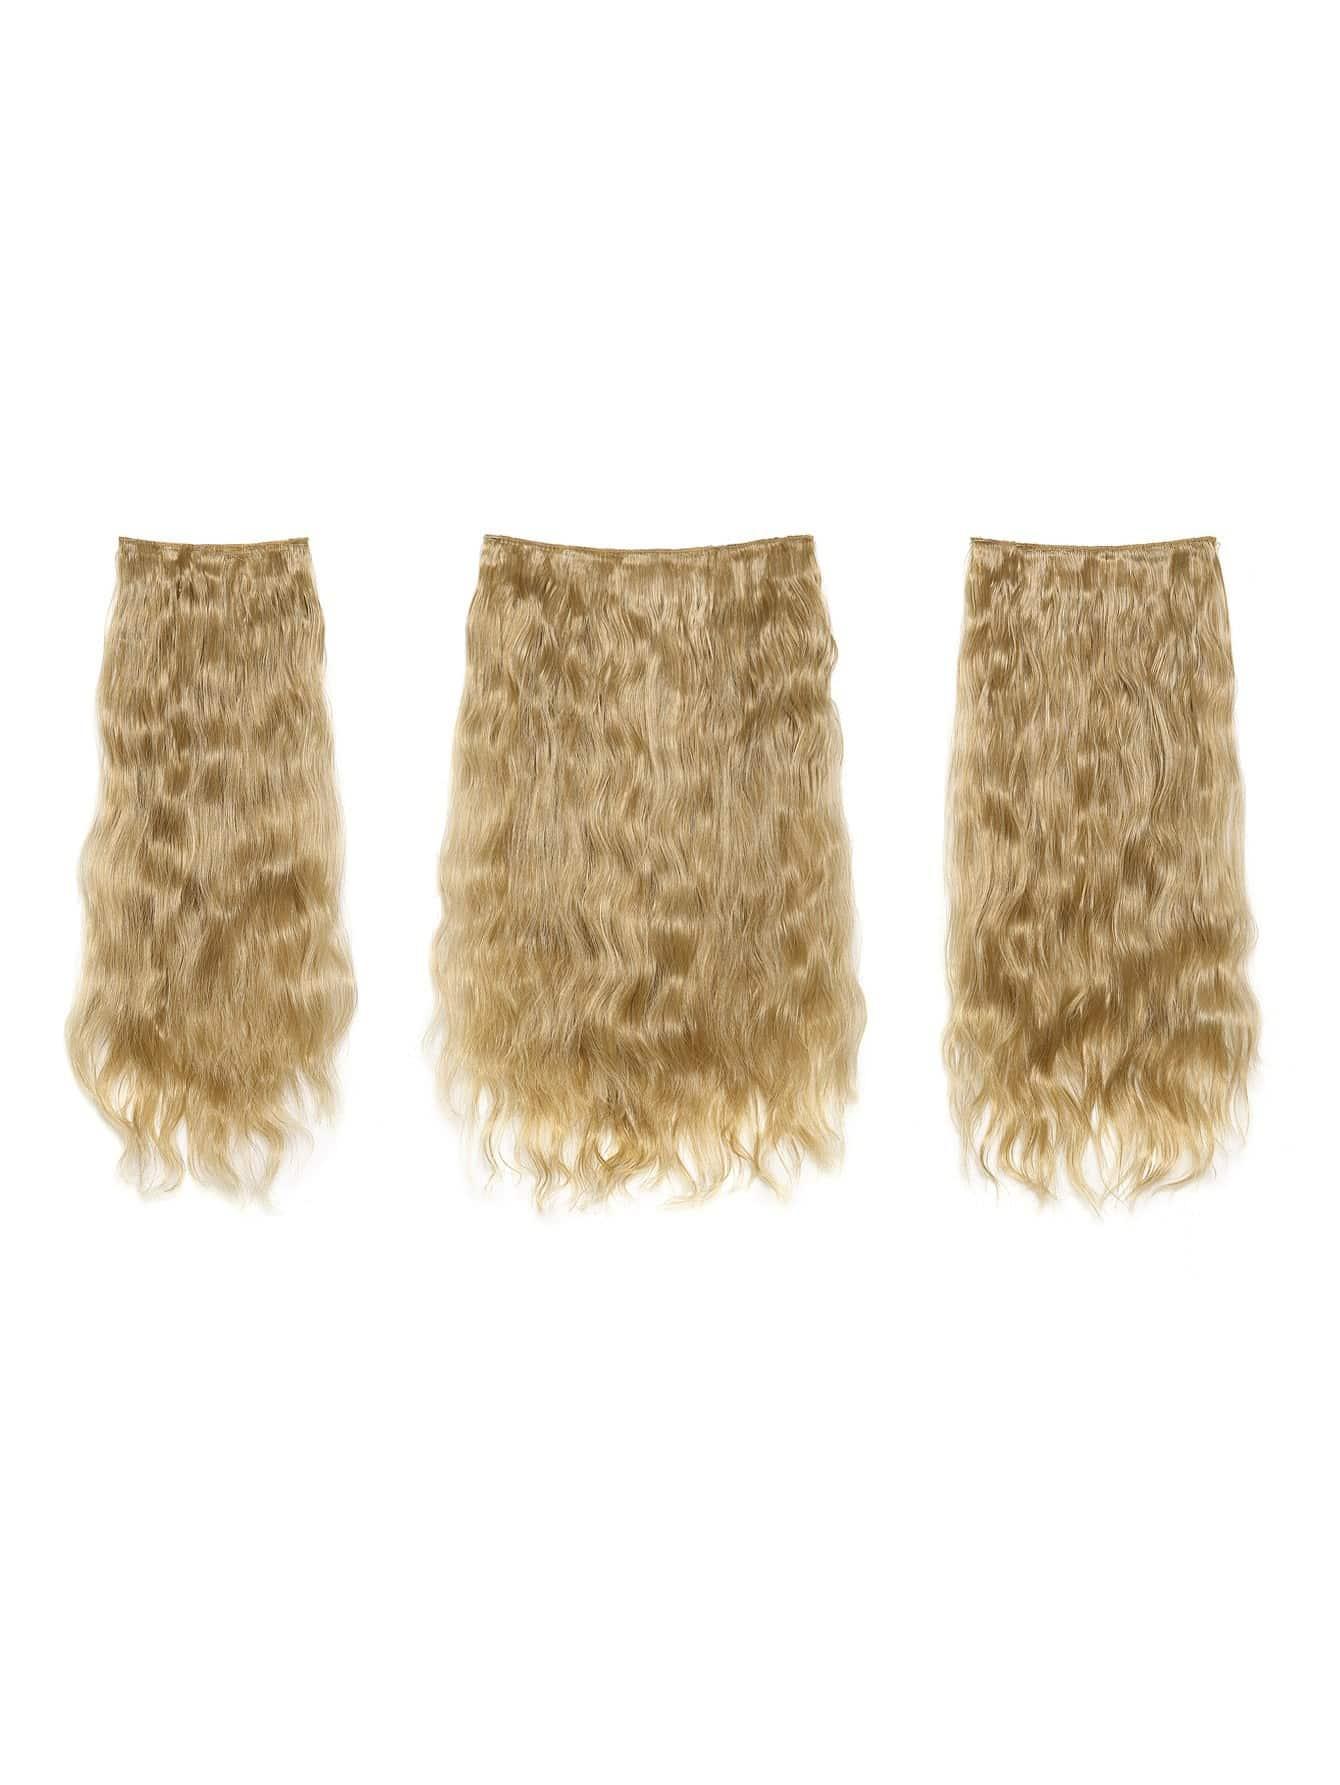 Купить Светло-золотистые синтетические волосы с заколкой 3 шт., null, SheIn